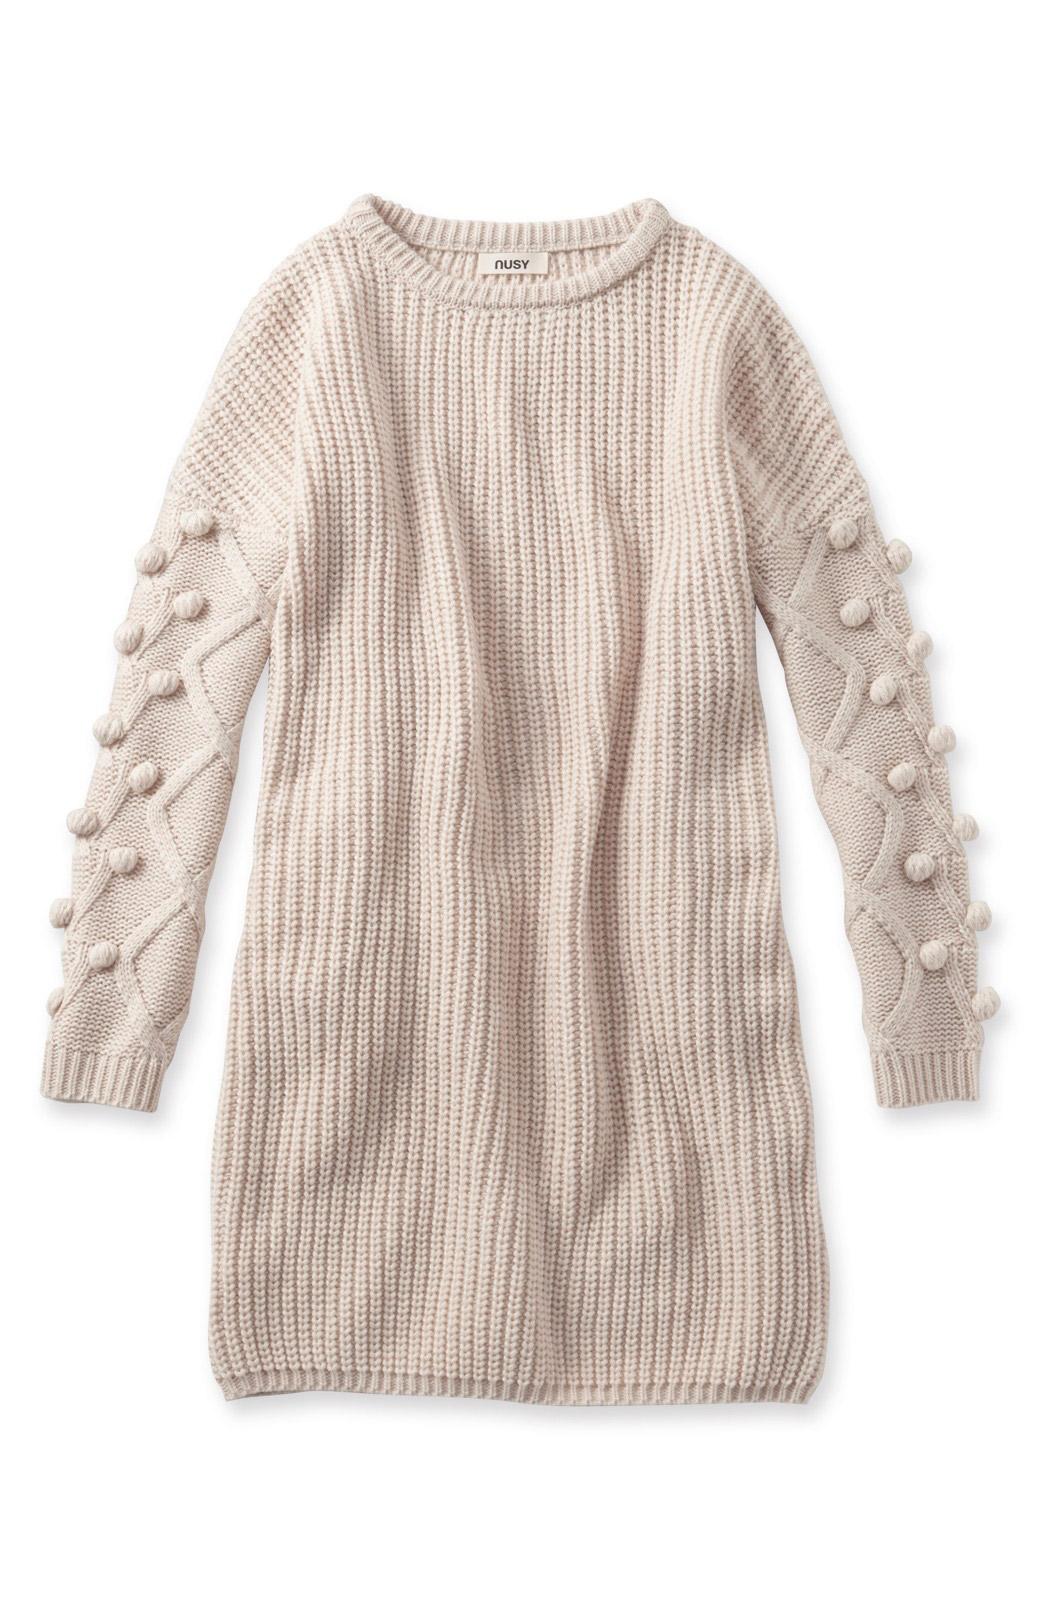 nusy パプコーン編みがかわいい おしゃれニットワンピ <ホワイト>の商品写真2